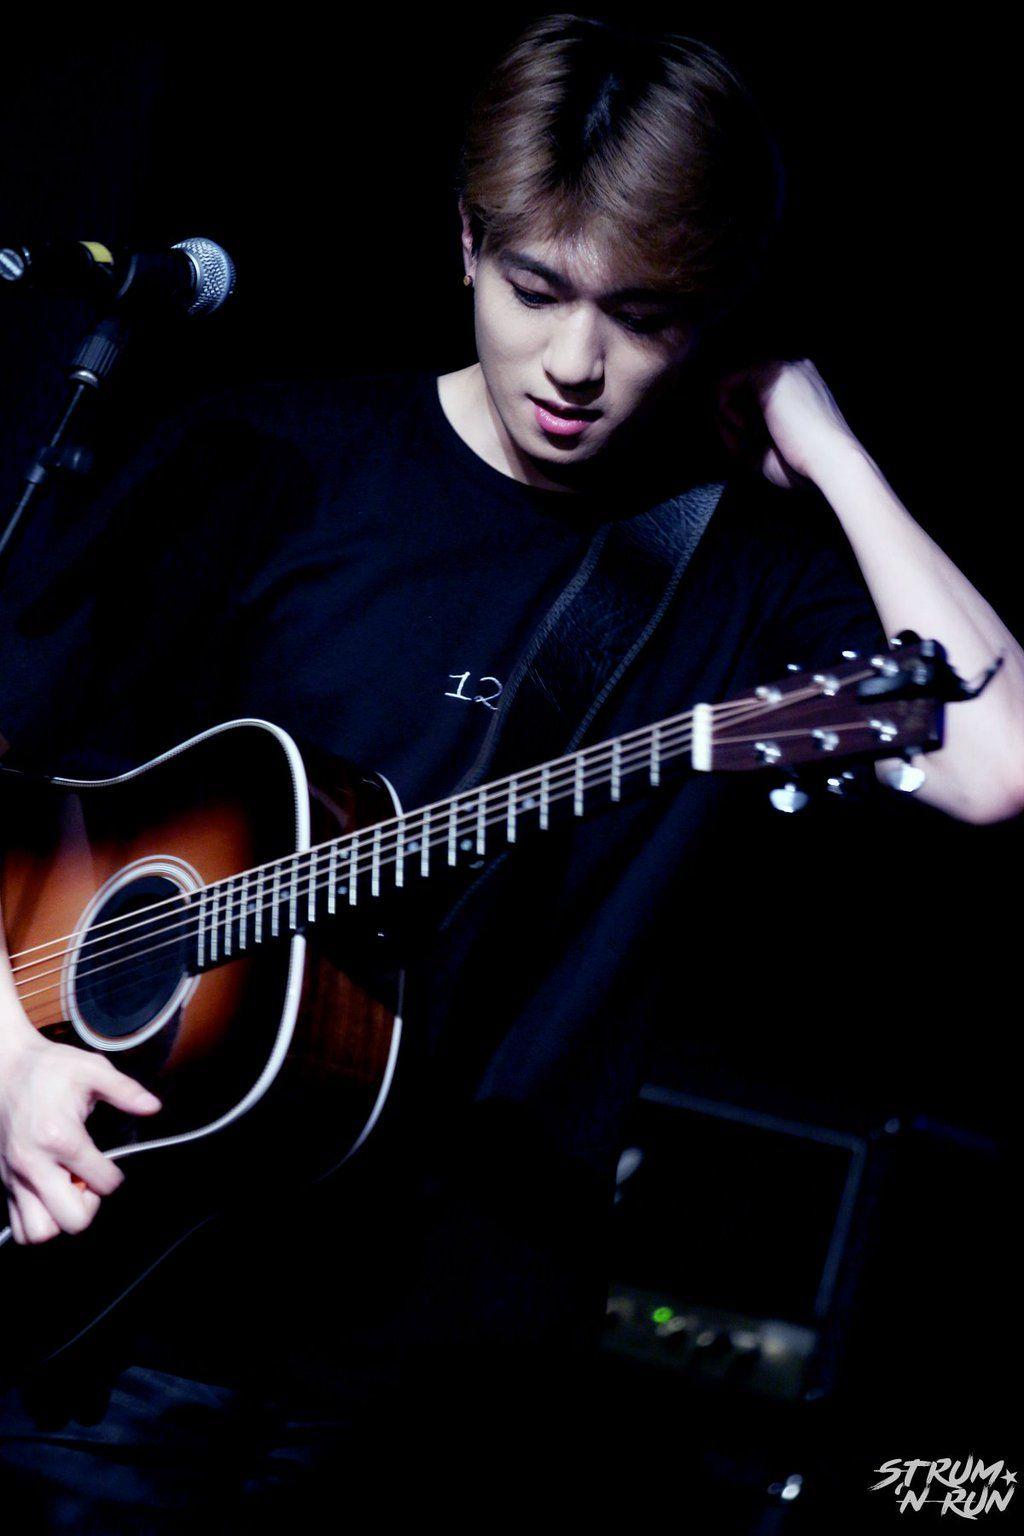 """Strum 'N Run on Twitter: """"보고싶고 또 보고싶어 마이 기타리스트  #성진 #Sungjin #데이식스 #DAY6 @day6official https://t.co/PBqRS0OBft"""""""